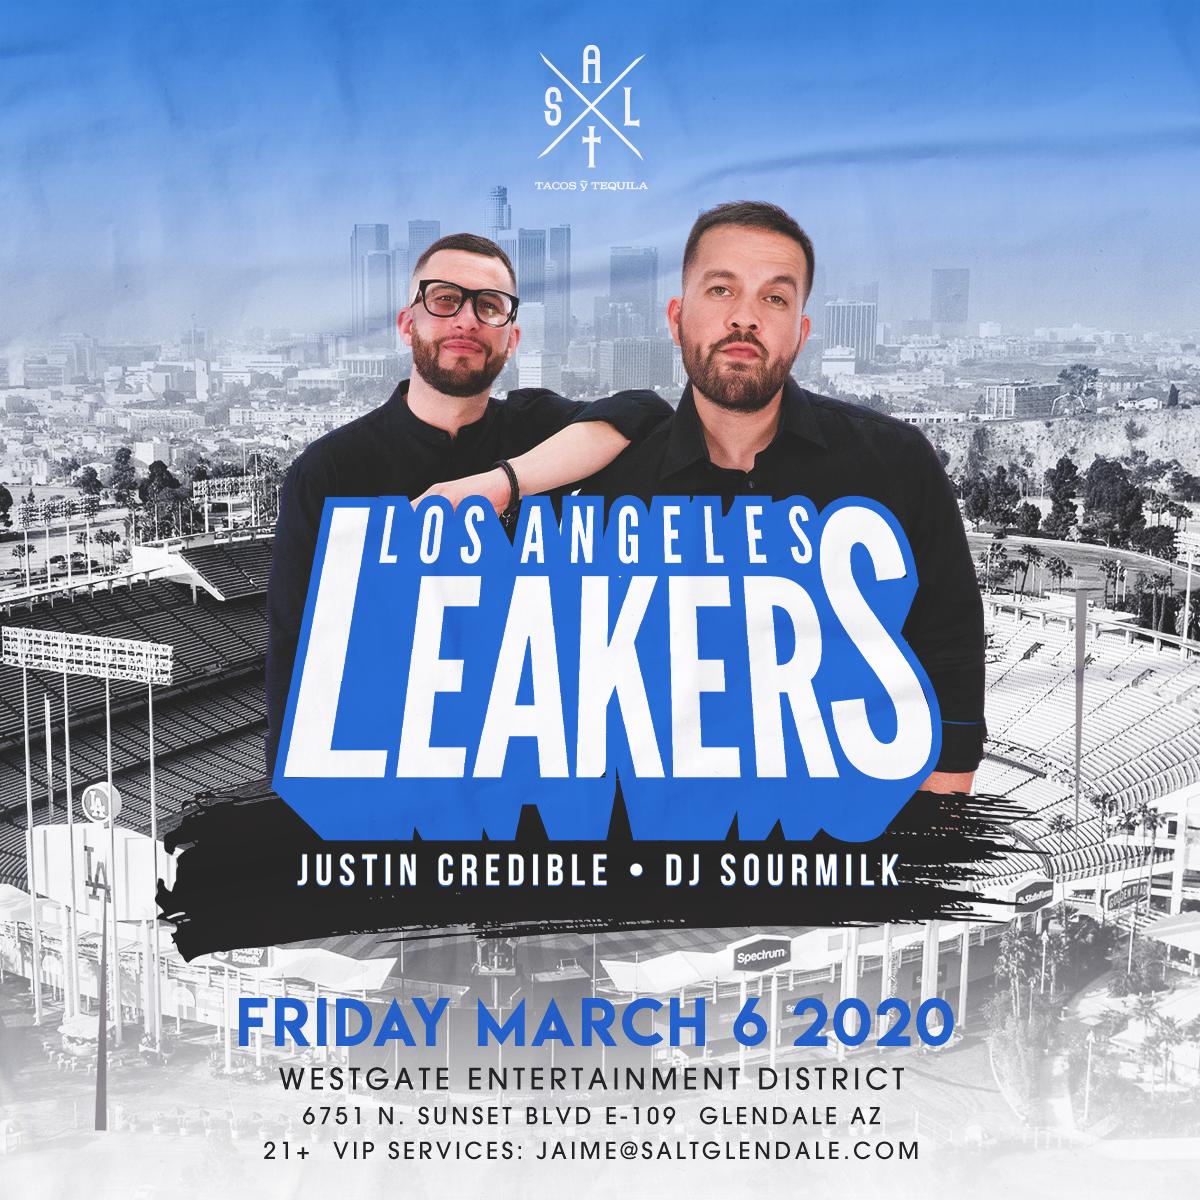 Flyer for LA Leakers